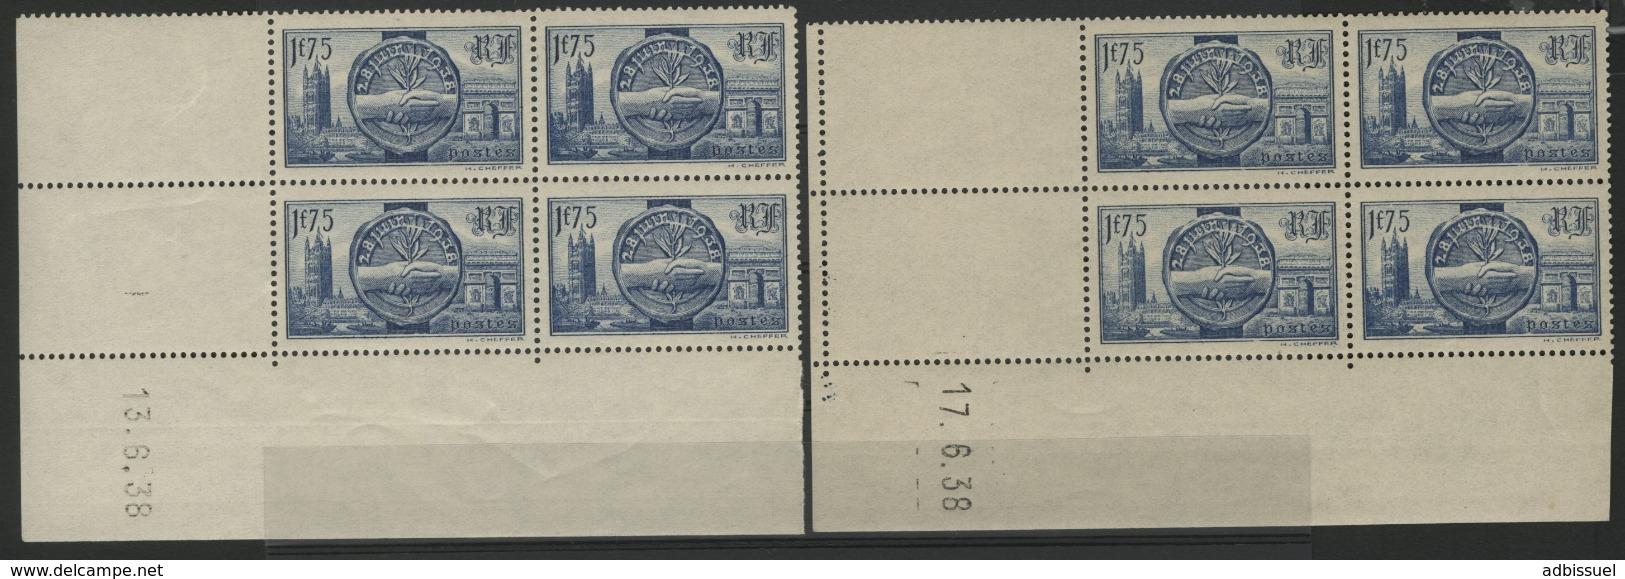 """N° 400 (x8) Cote 14 €. Deux Coins Datés Du 13 Et 17/6/38 / Blocs De Quatre """"Visite Des Souverains Britanniques"""". - 1930-1939"""